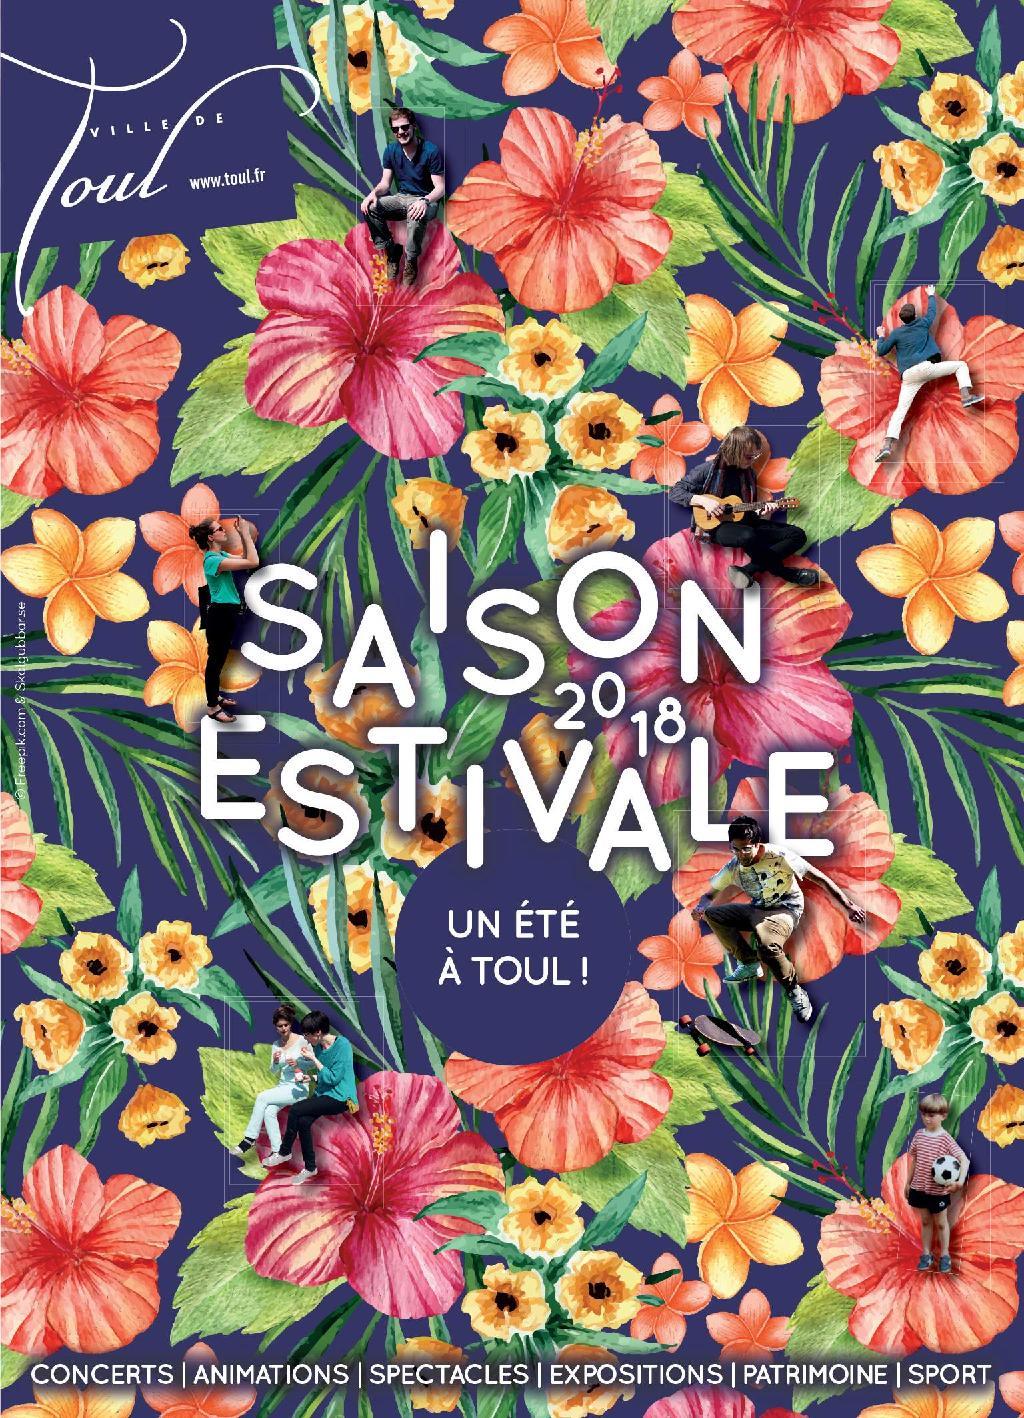 Programme Saison Estivale 2018 Toul